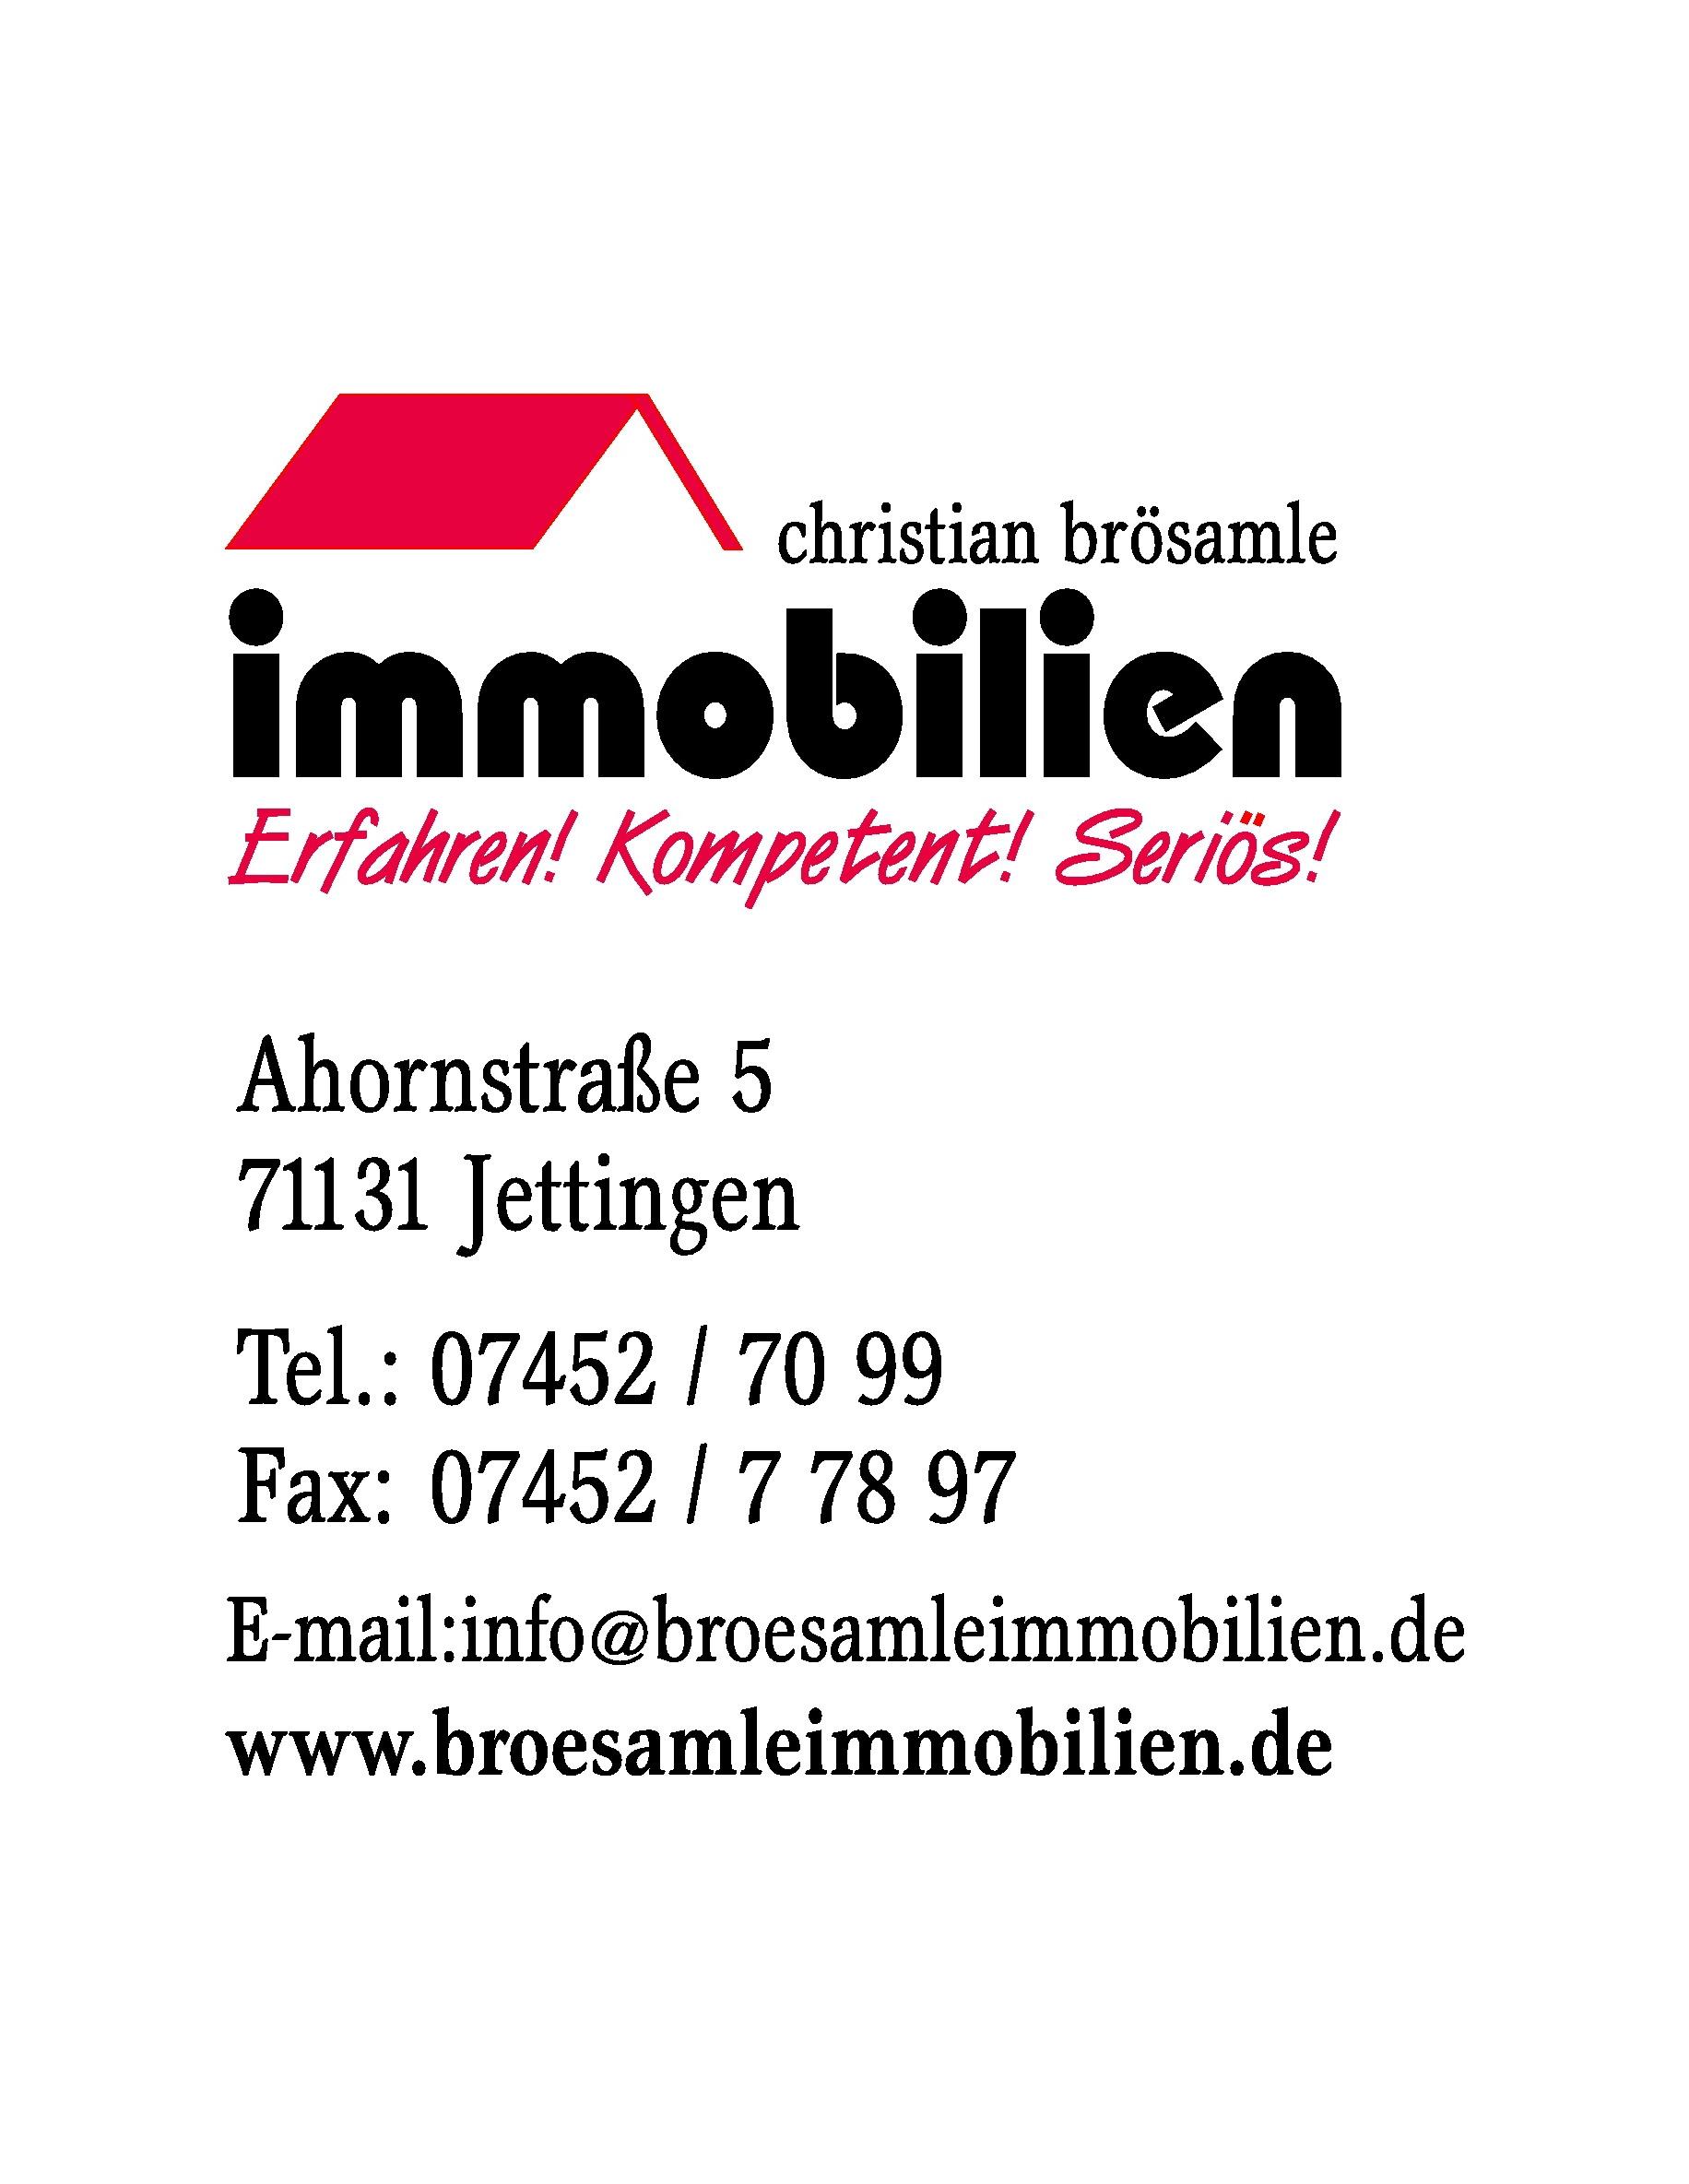 Christian Brösamle Immobilien-Baubetreuung